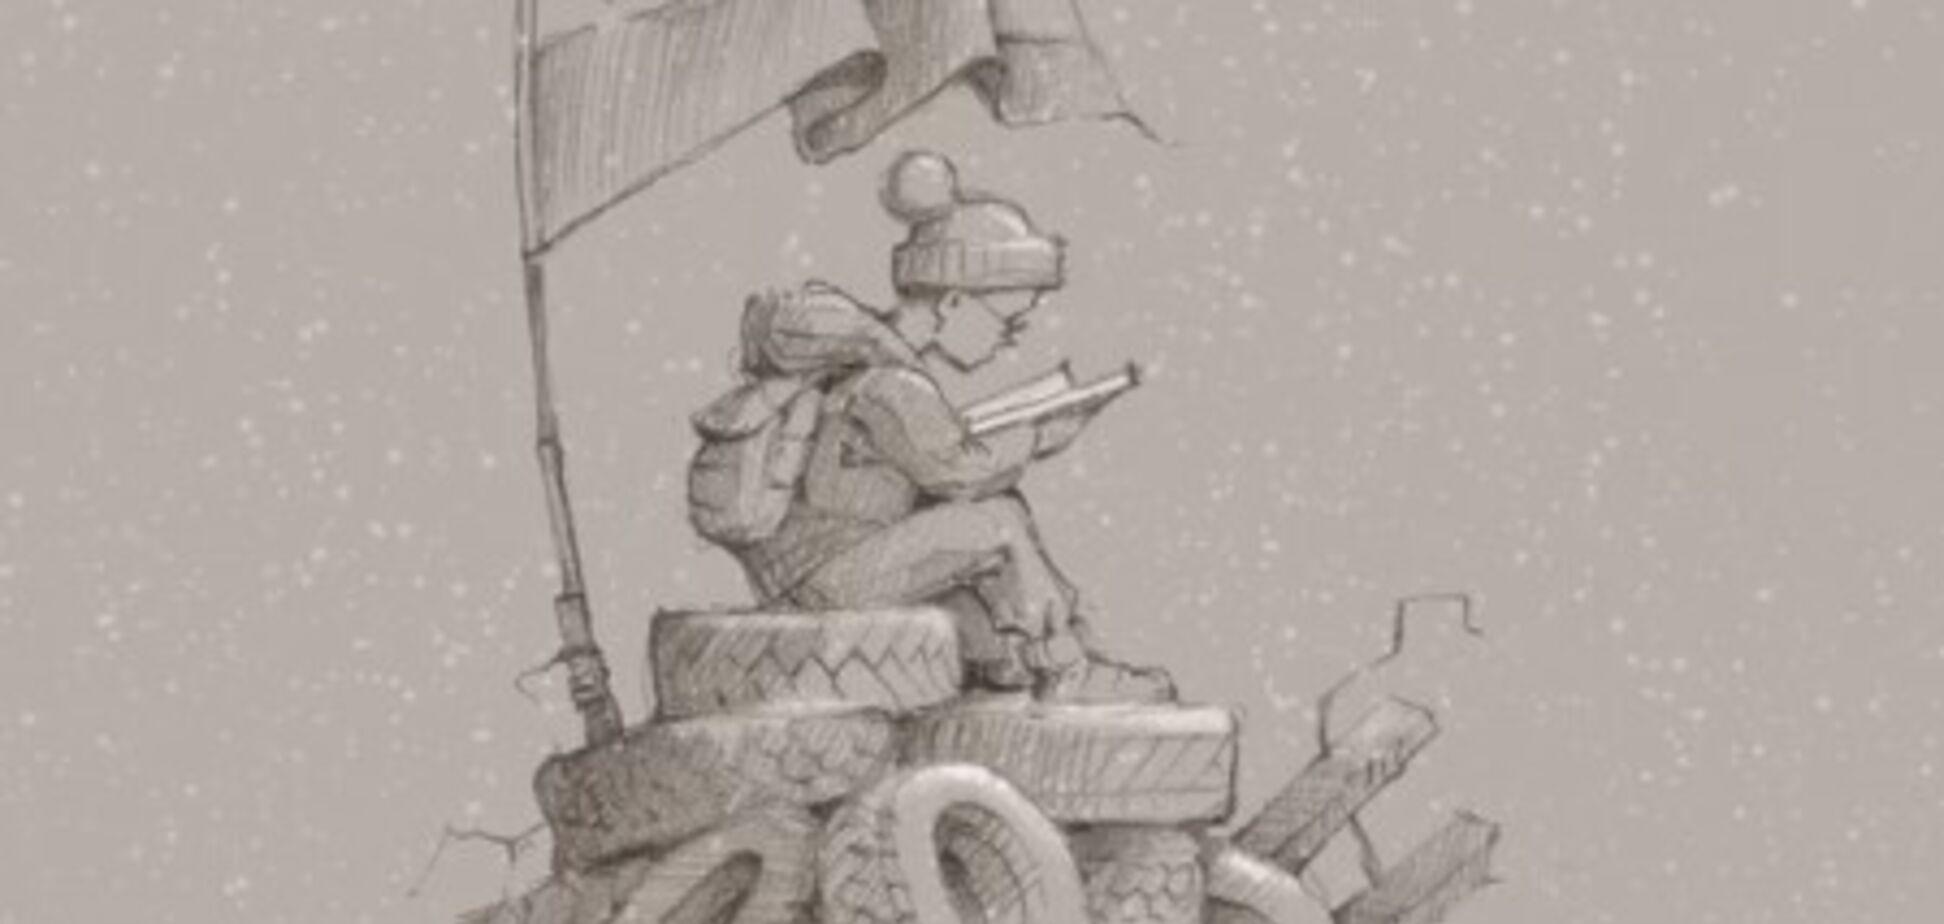 'Моїми творами нахабно торгують': український художник, який малював для ЗСУ, відстоює авторські права